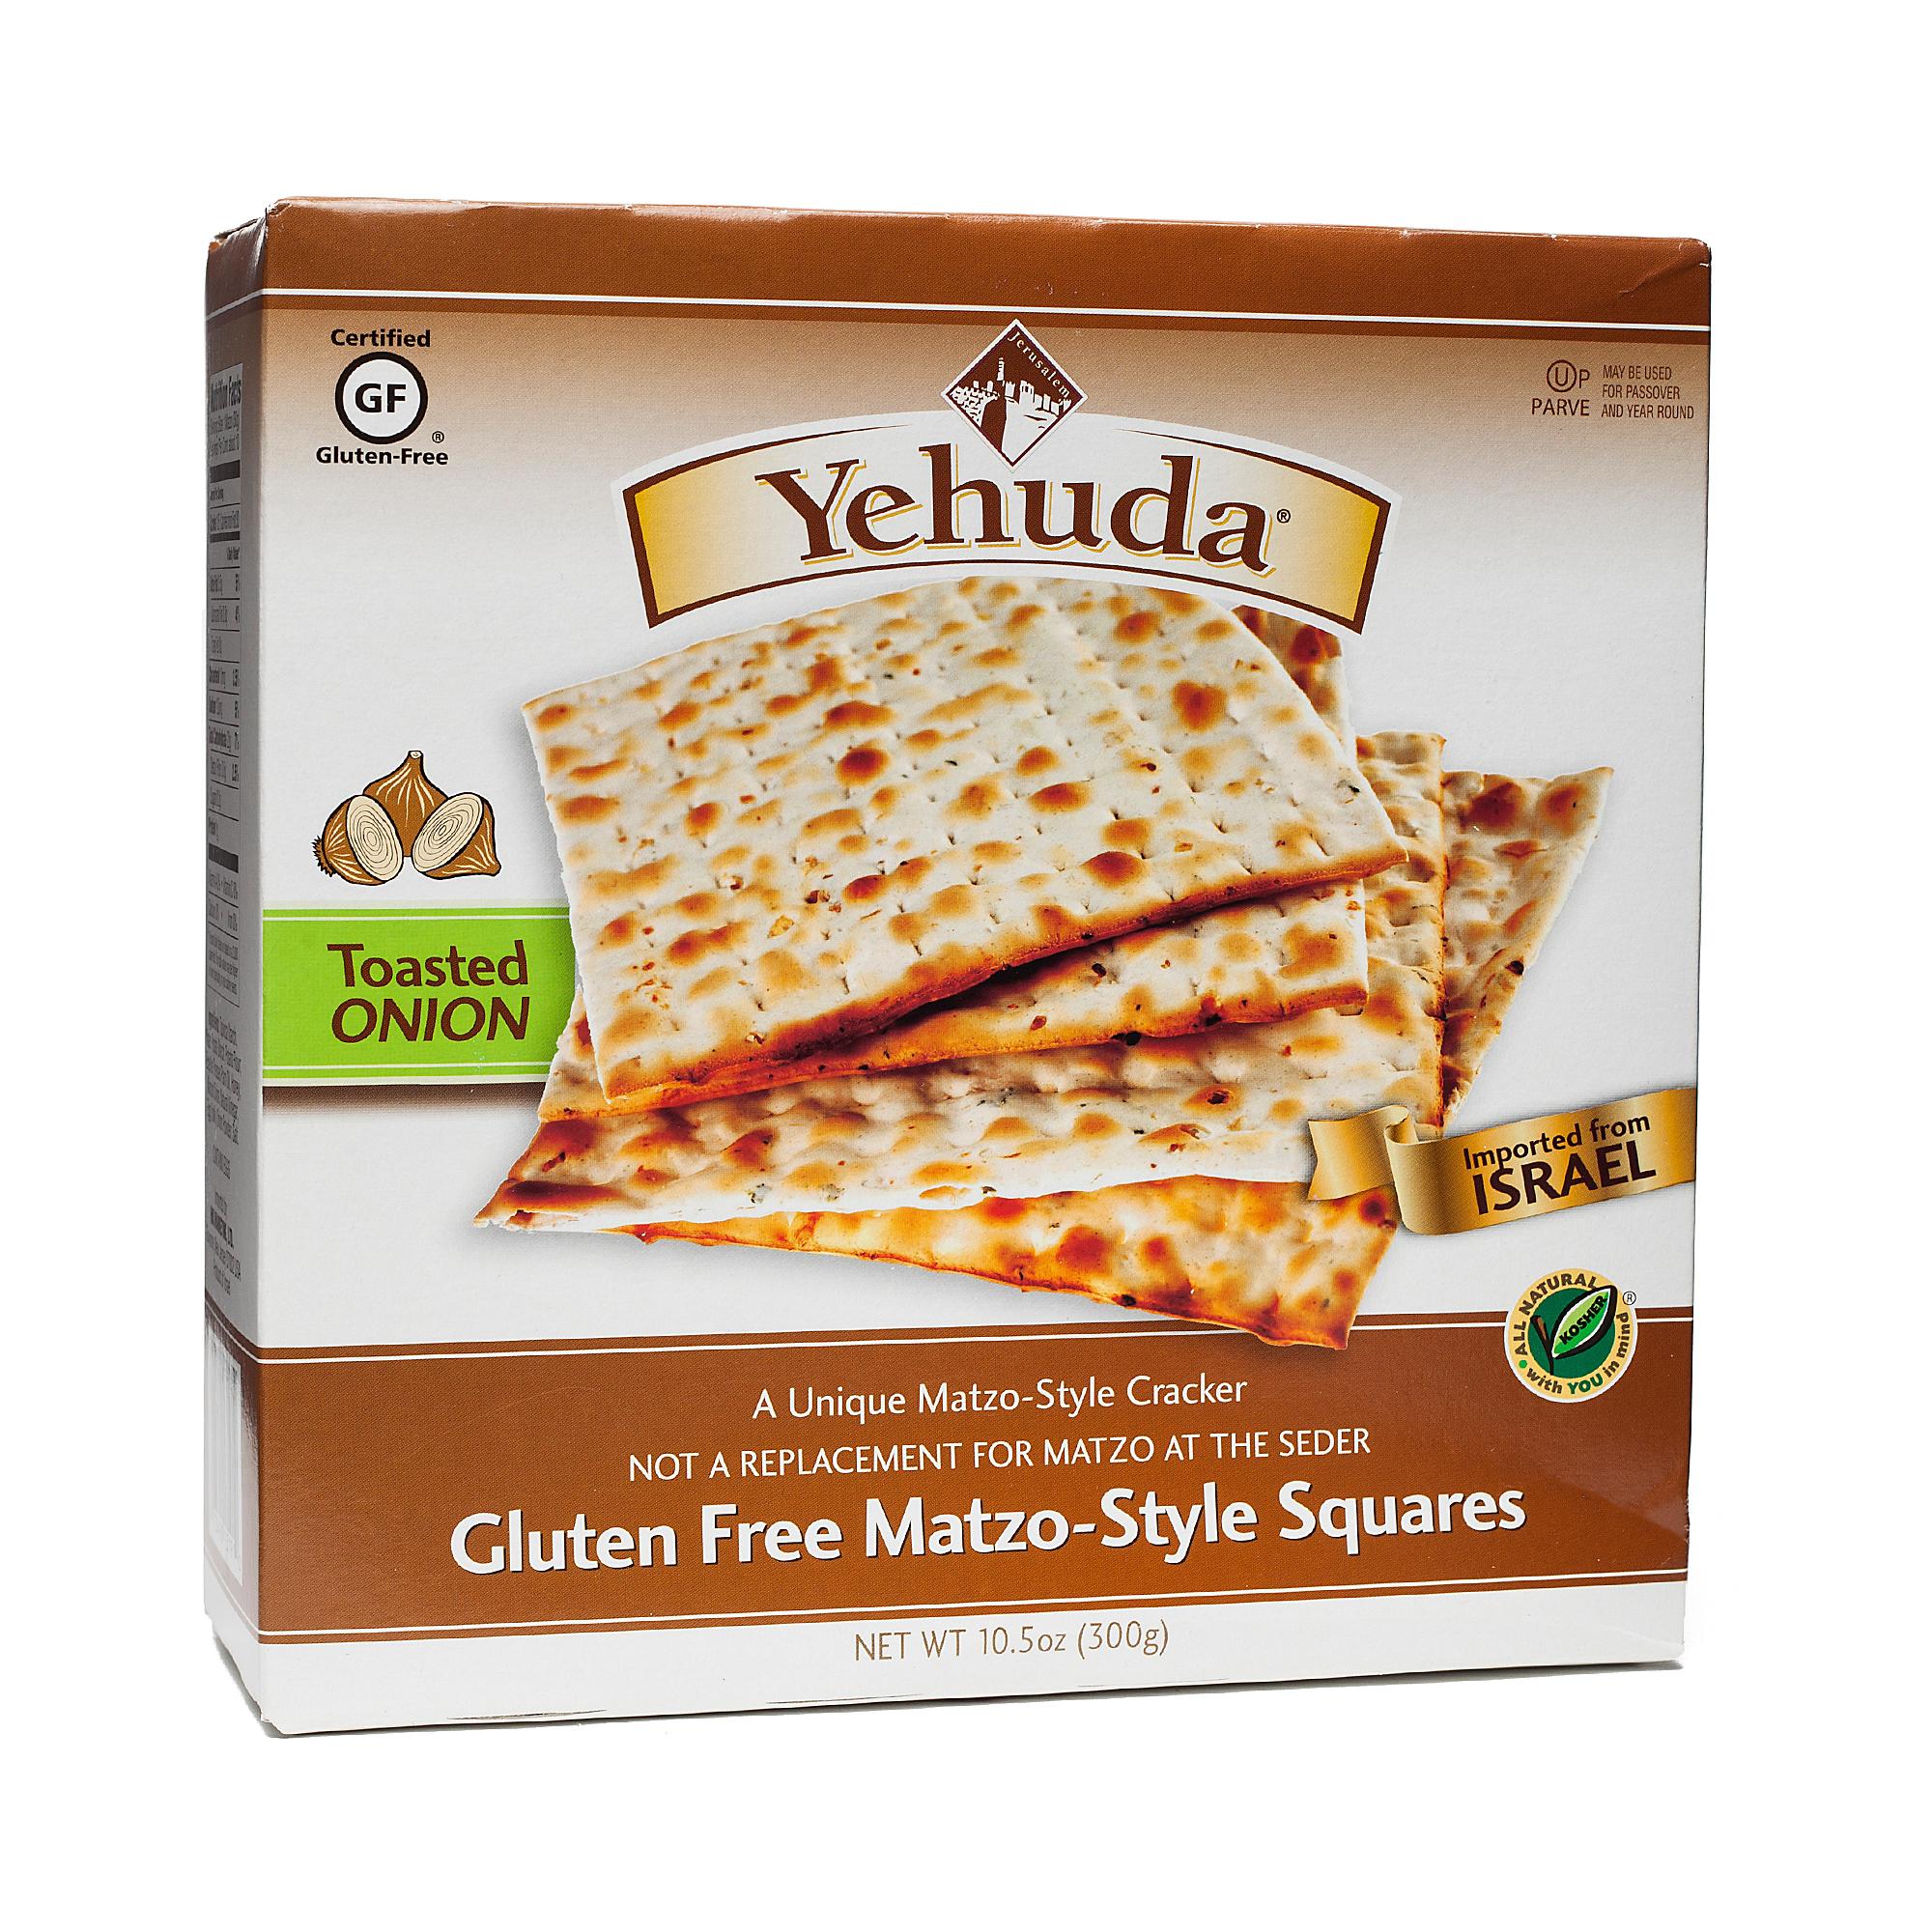 Yehuda Gluten-Free Matzo-Style Squares - Toasted Onion 10.5 oz box